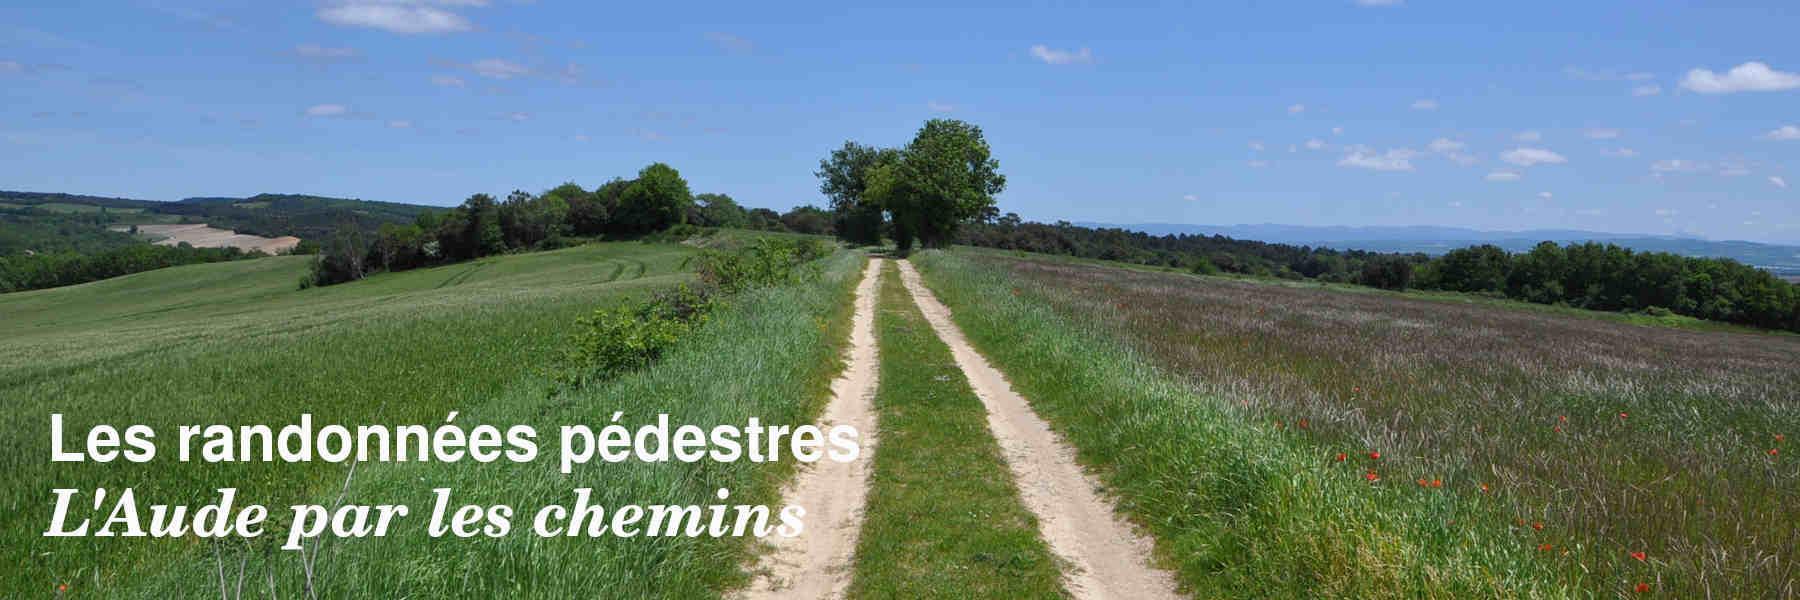 Les randonnées pédestres dans l'Aude